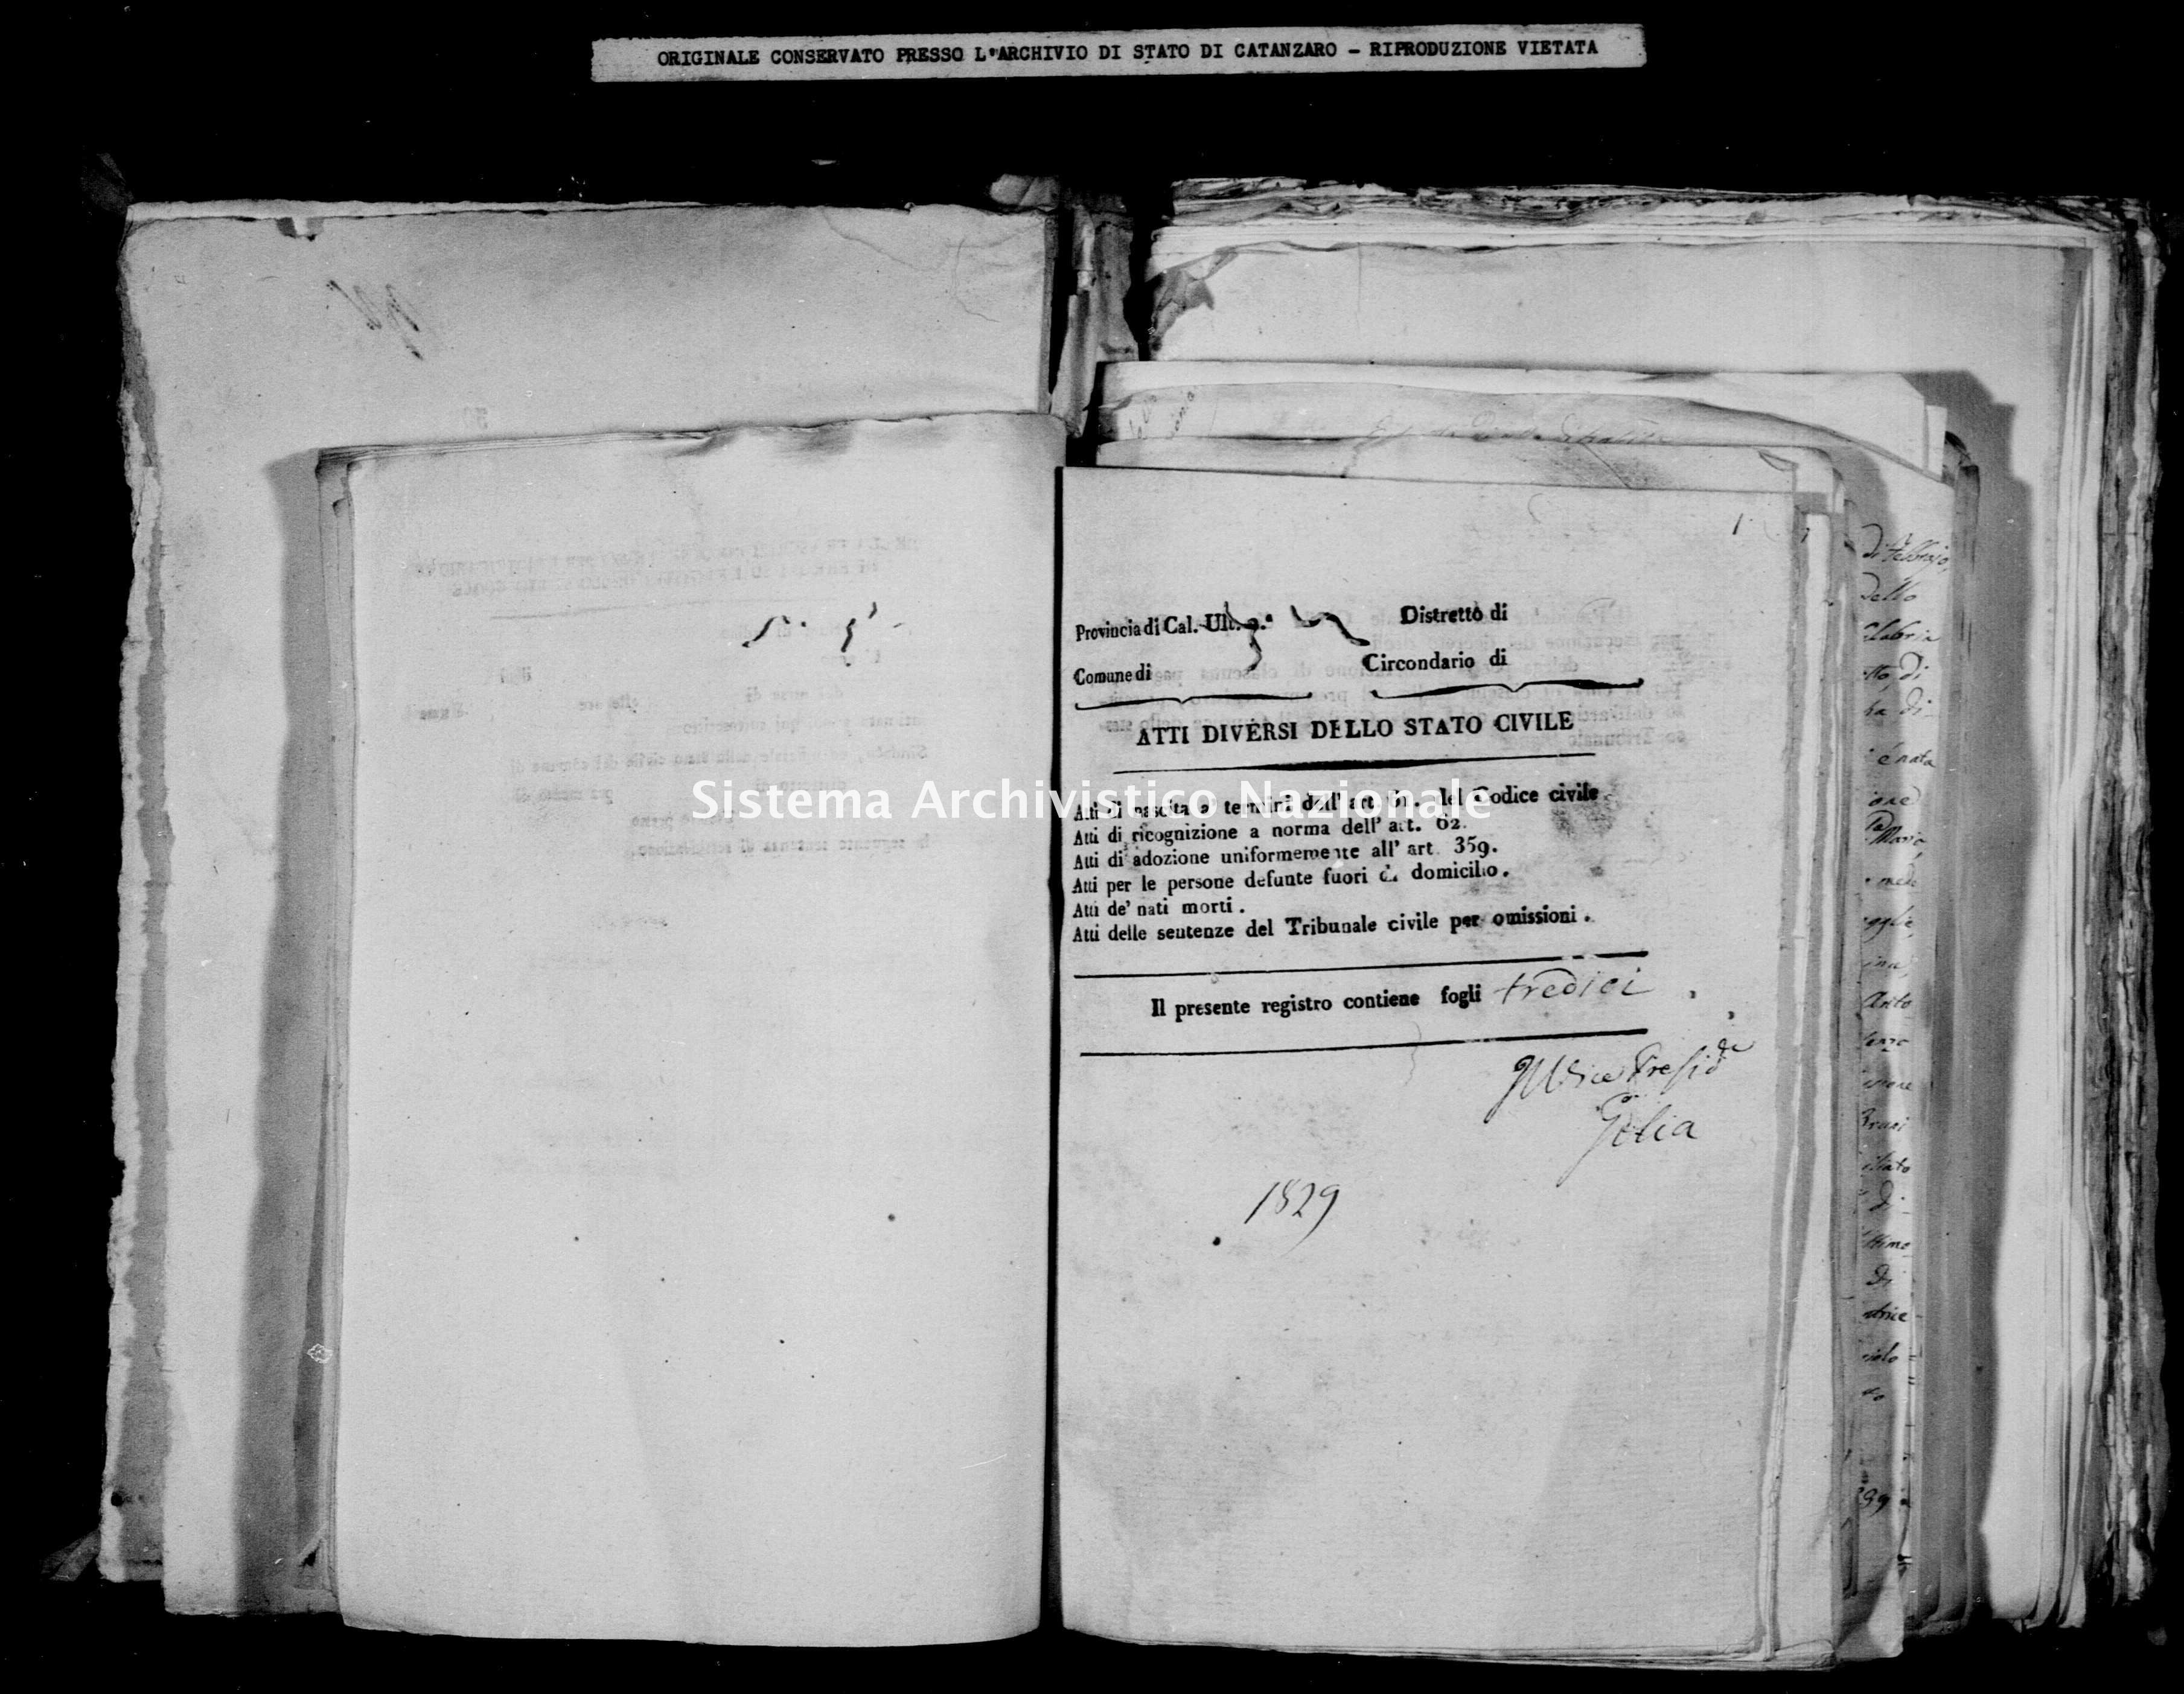 Archivio di stato di Catanzaro - Stato civile della restaurazione - Calabrò - Diversi - 1822 -